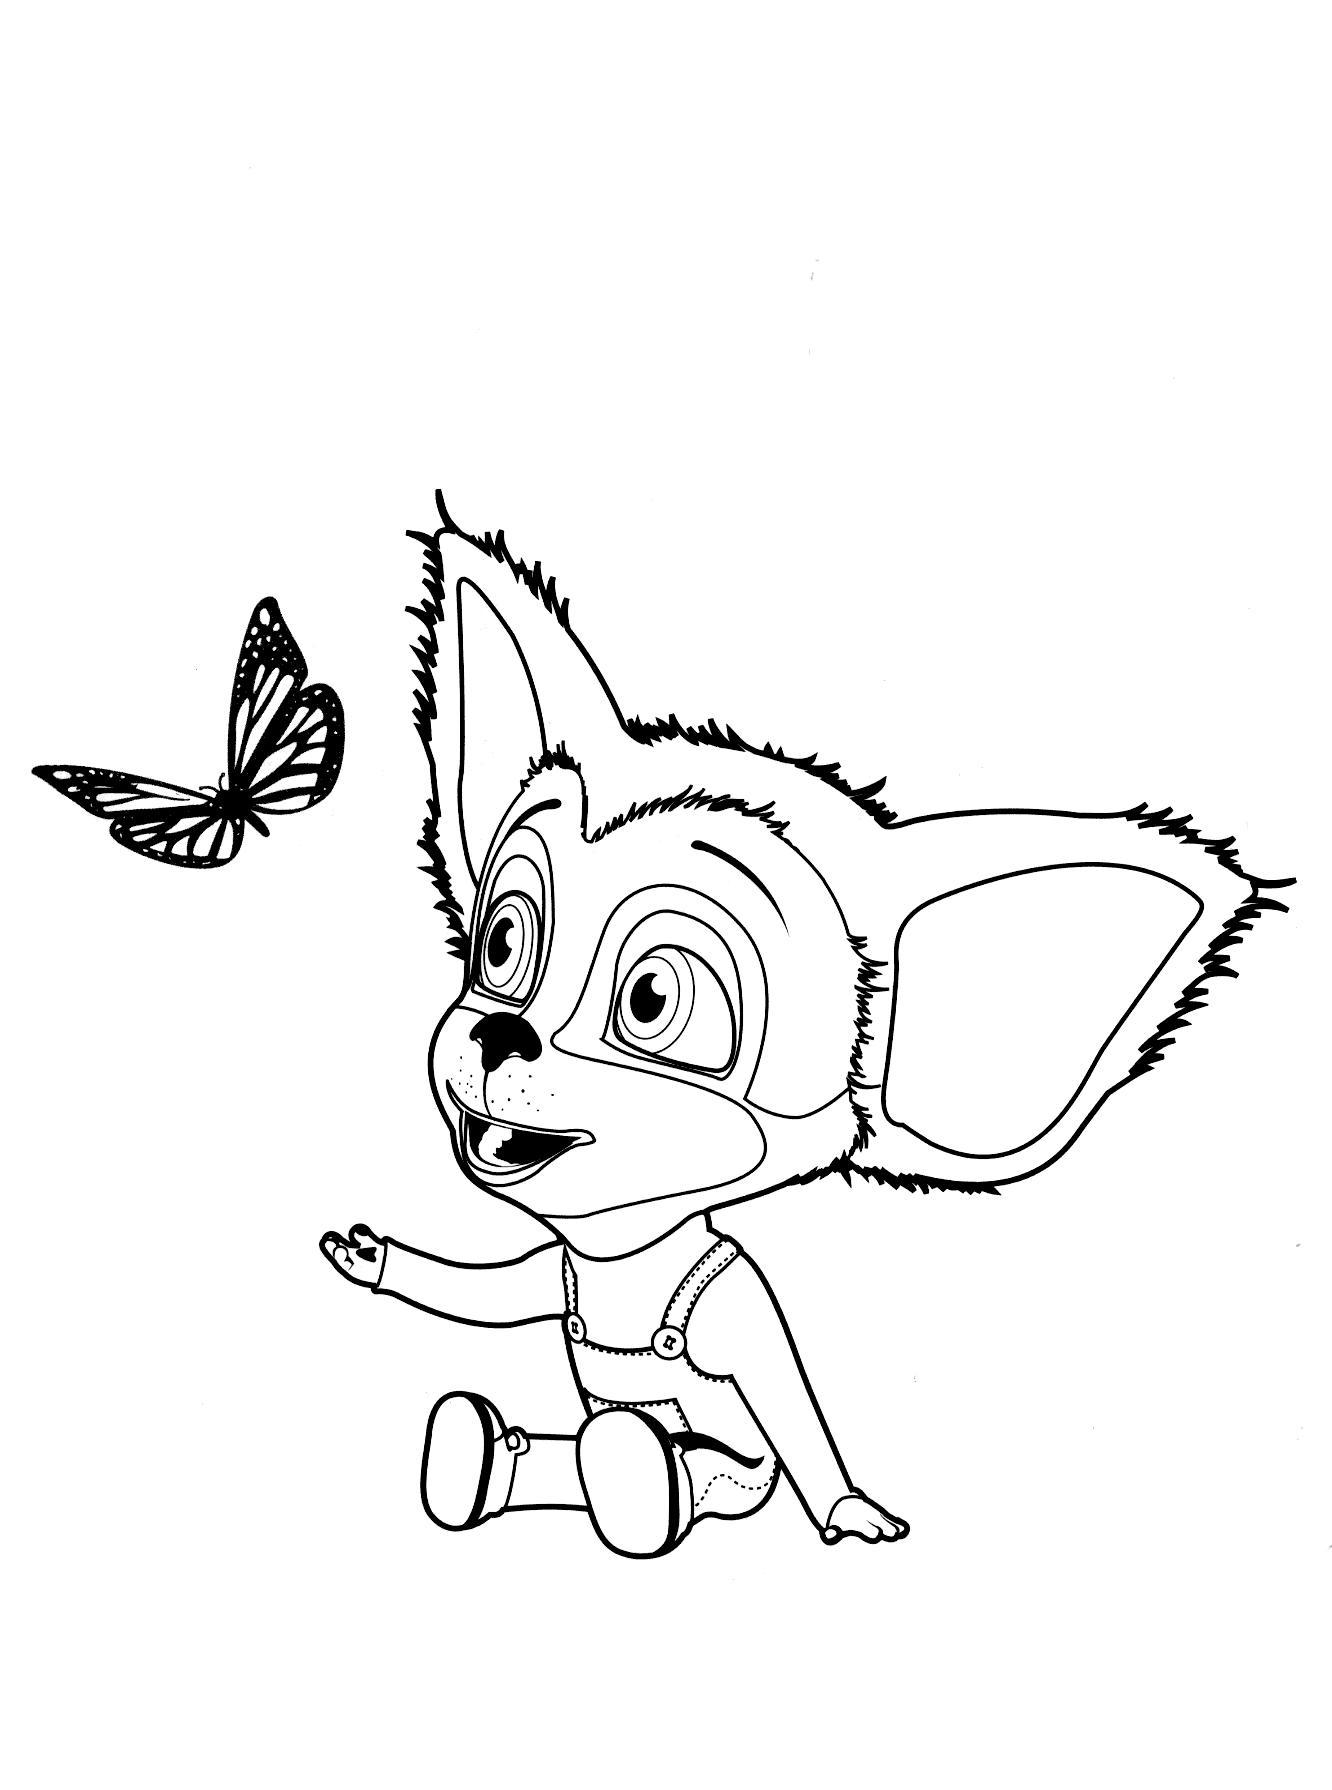 Раскраска малыш и бабочка | раскраски из мультфильма барбоскины ...